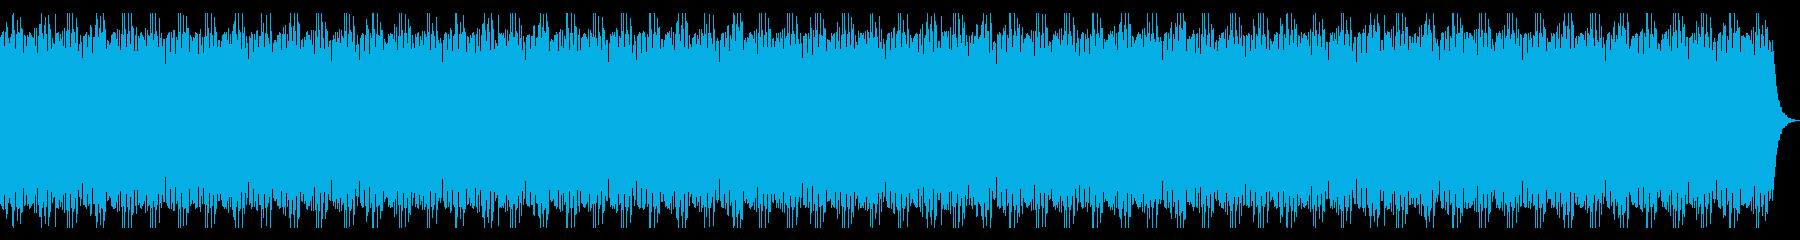 和の雰囲気のBGMの再生済みの波形